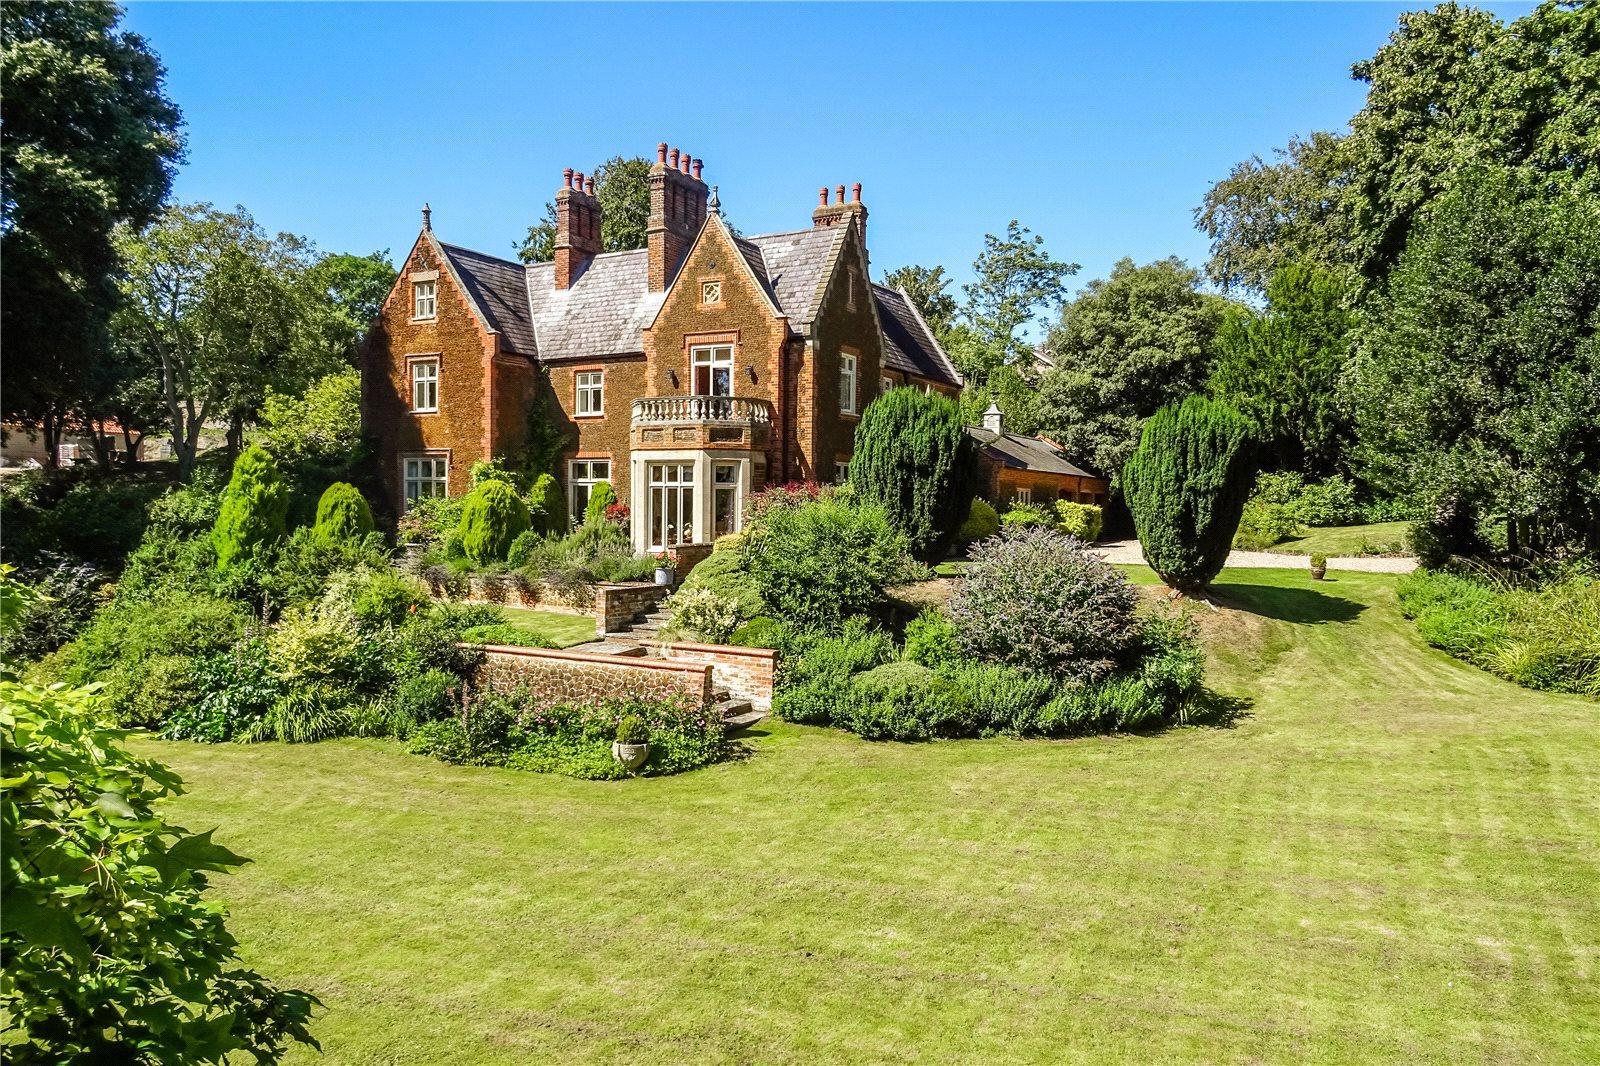 一戸建て のために 売買 アット Church Lane, Sedgeford, Hunstanton, Norfolk, PE36 Hunstanton, イギリス